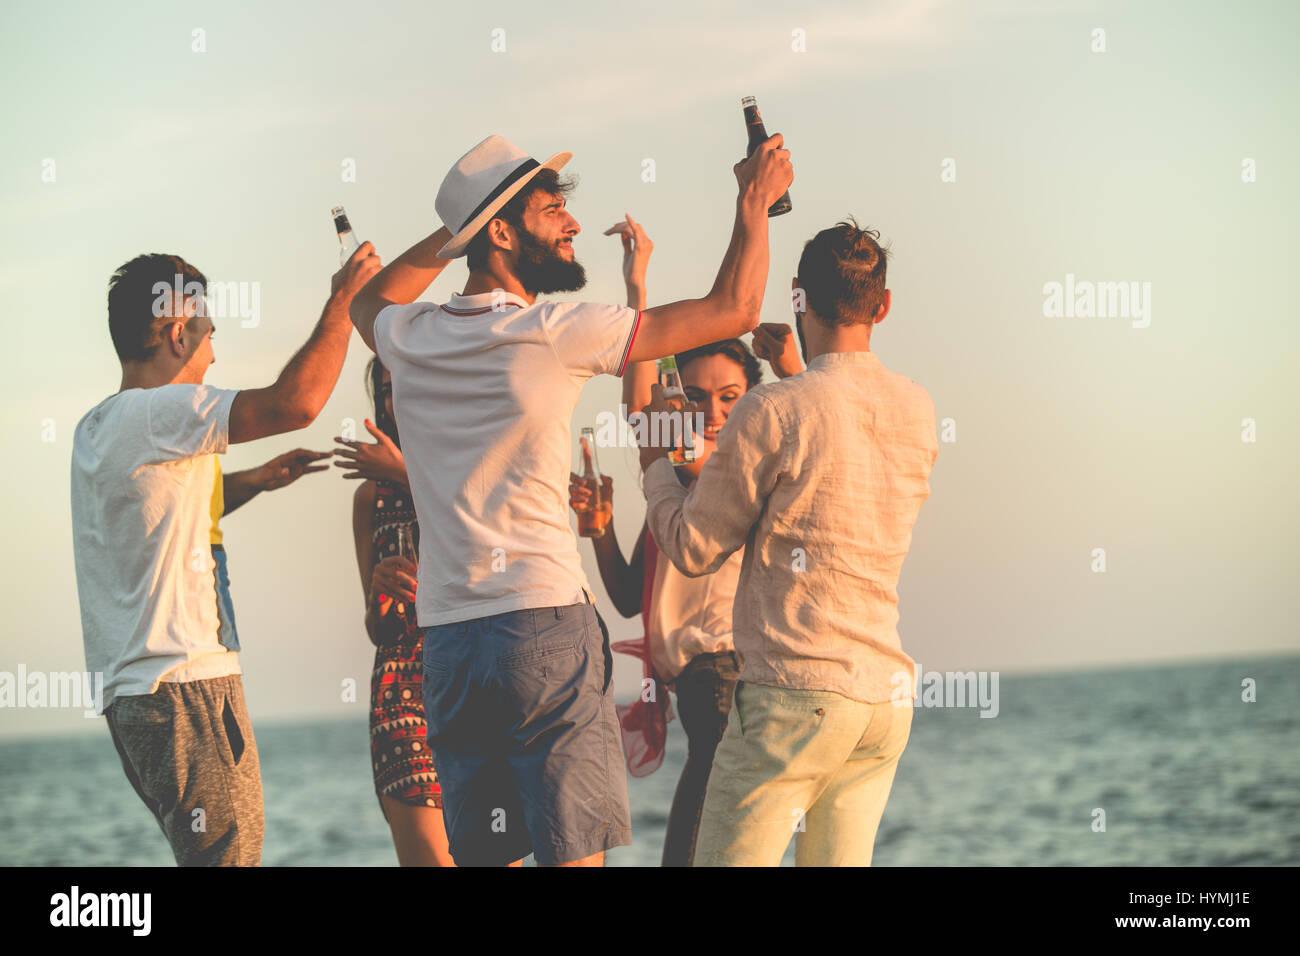 Grupo de jóvenes felices bailando en la playa en el hermoso atardecer de verano Imagen De Stock